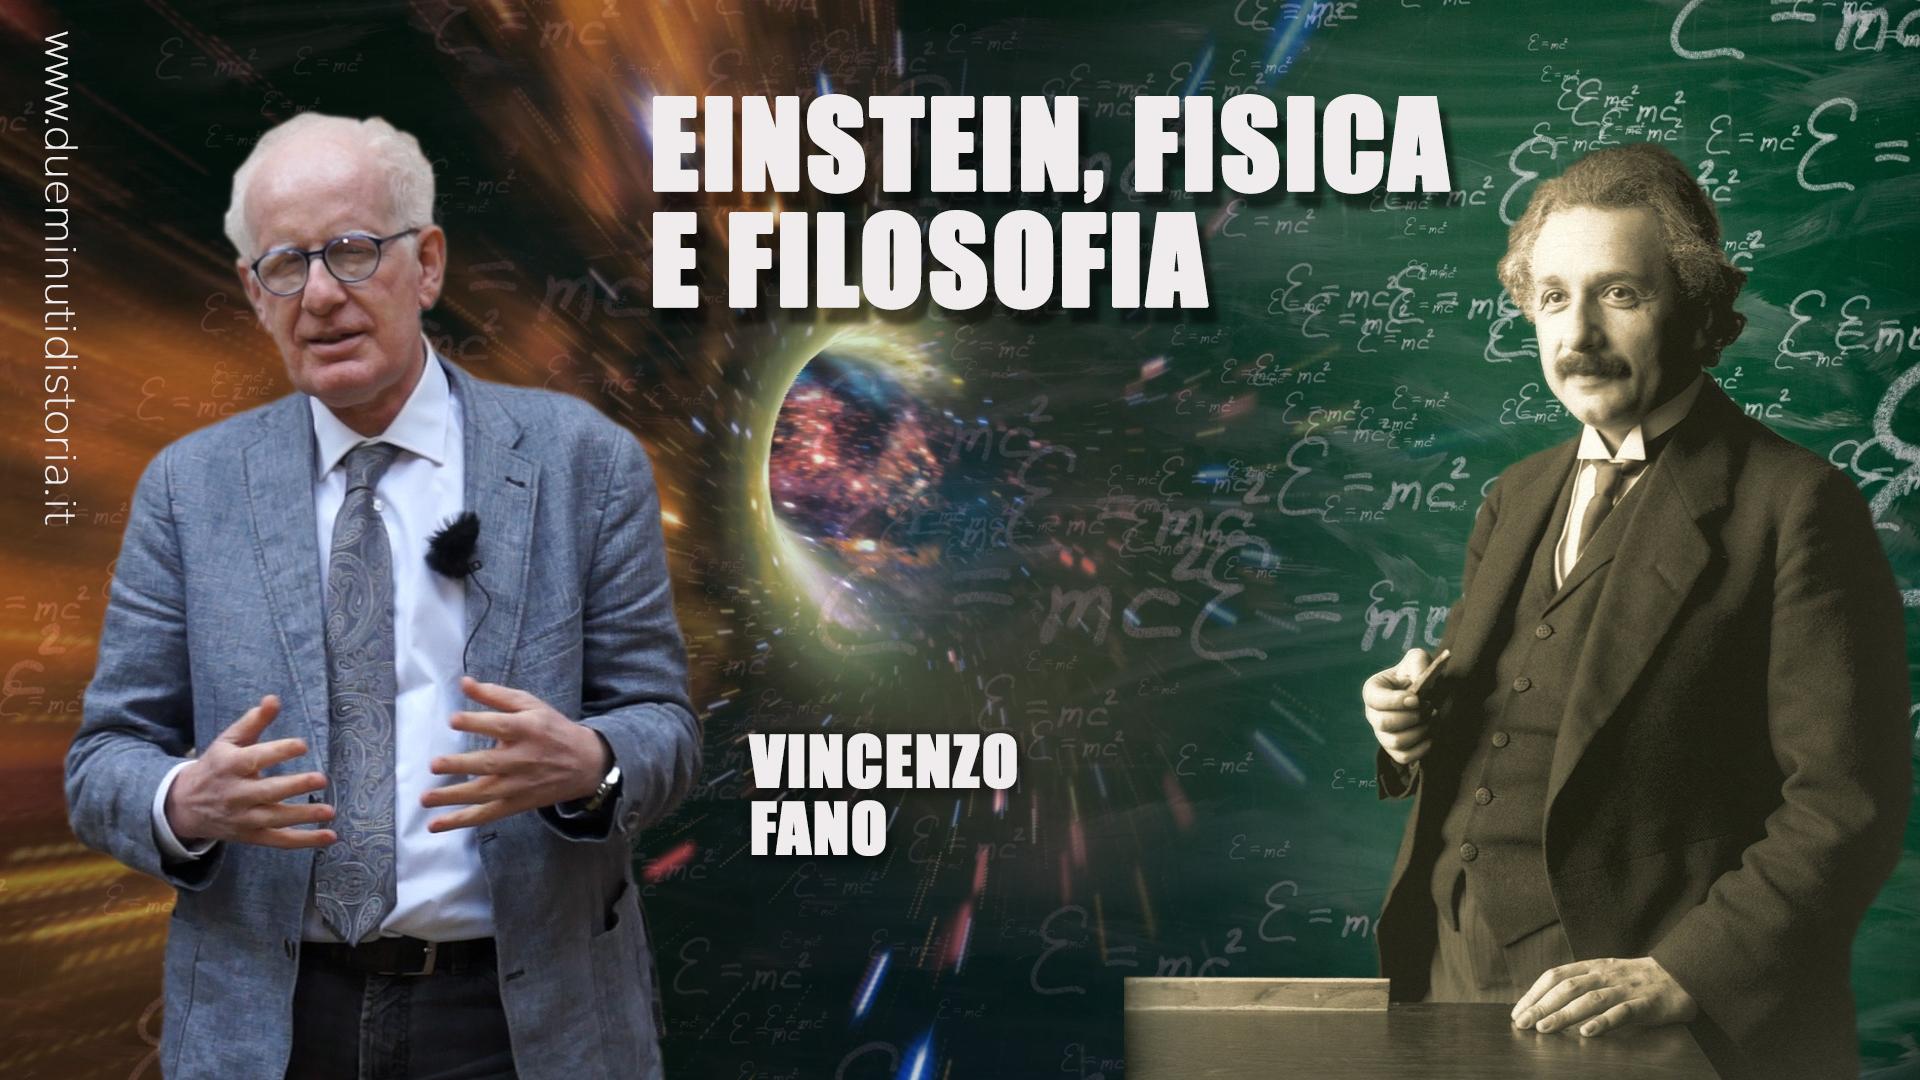 Einstein, fisica e filosofia